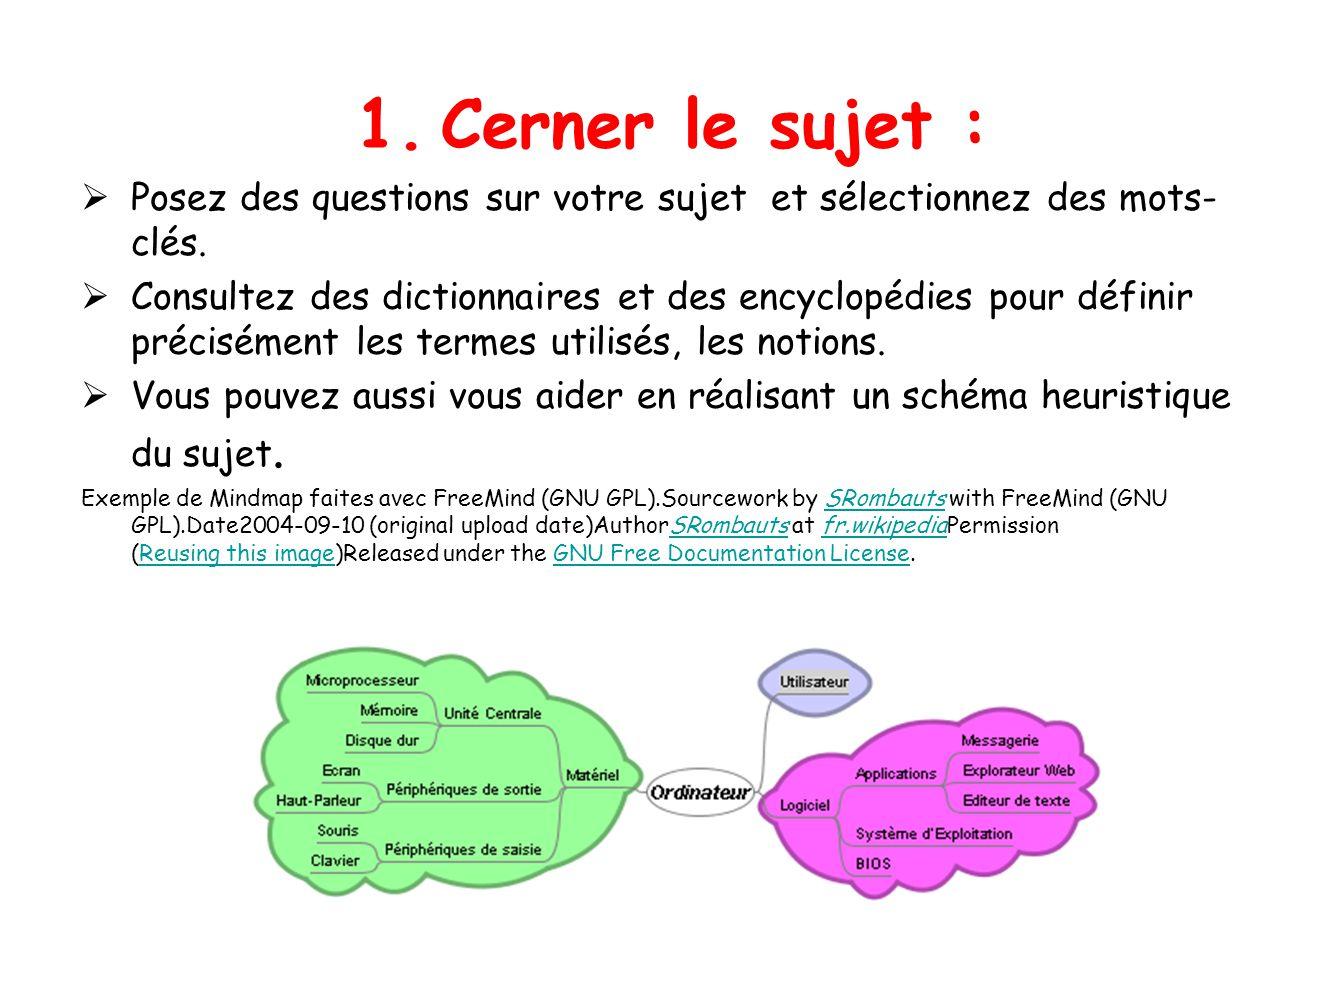 1. Cerner le sujet : Posez des questions sur votre sujet et sélectionnez des mots- clés. Consultez des dictionnaires et des encyclopédies pour définir